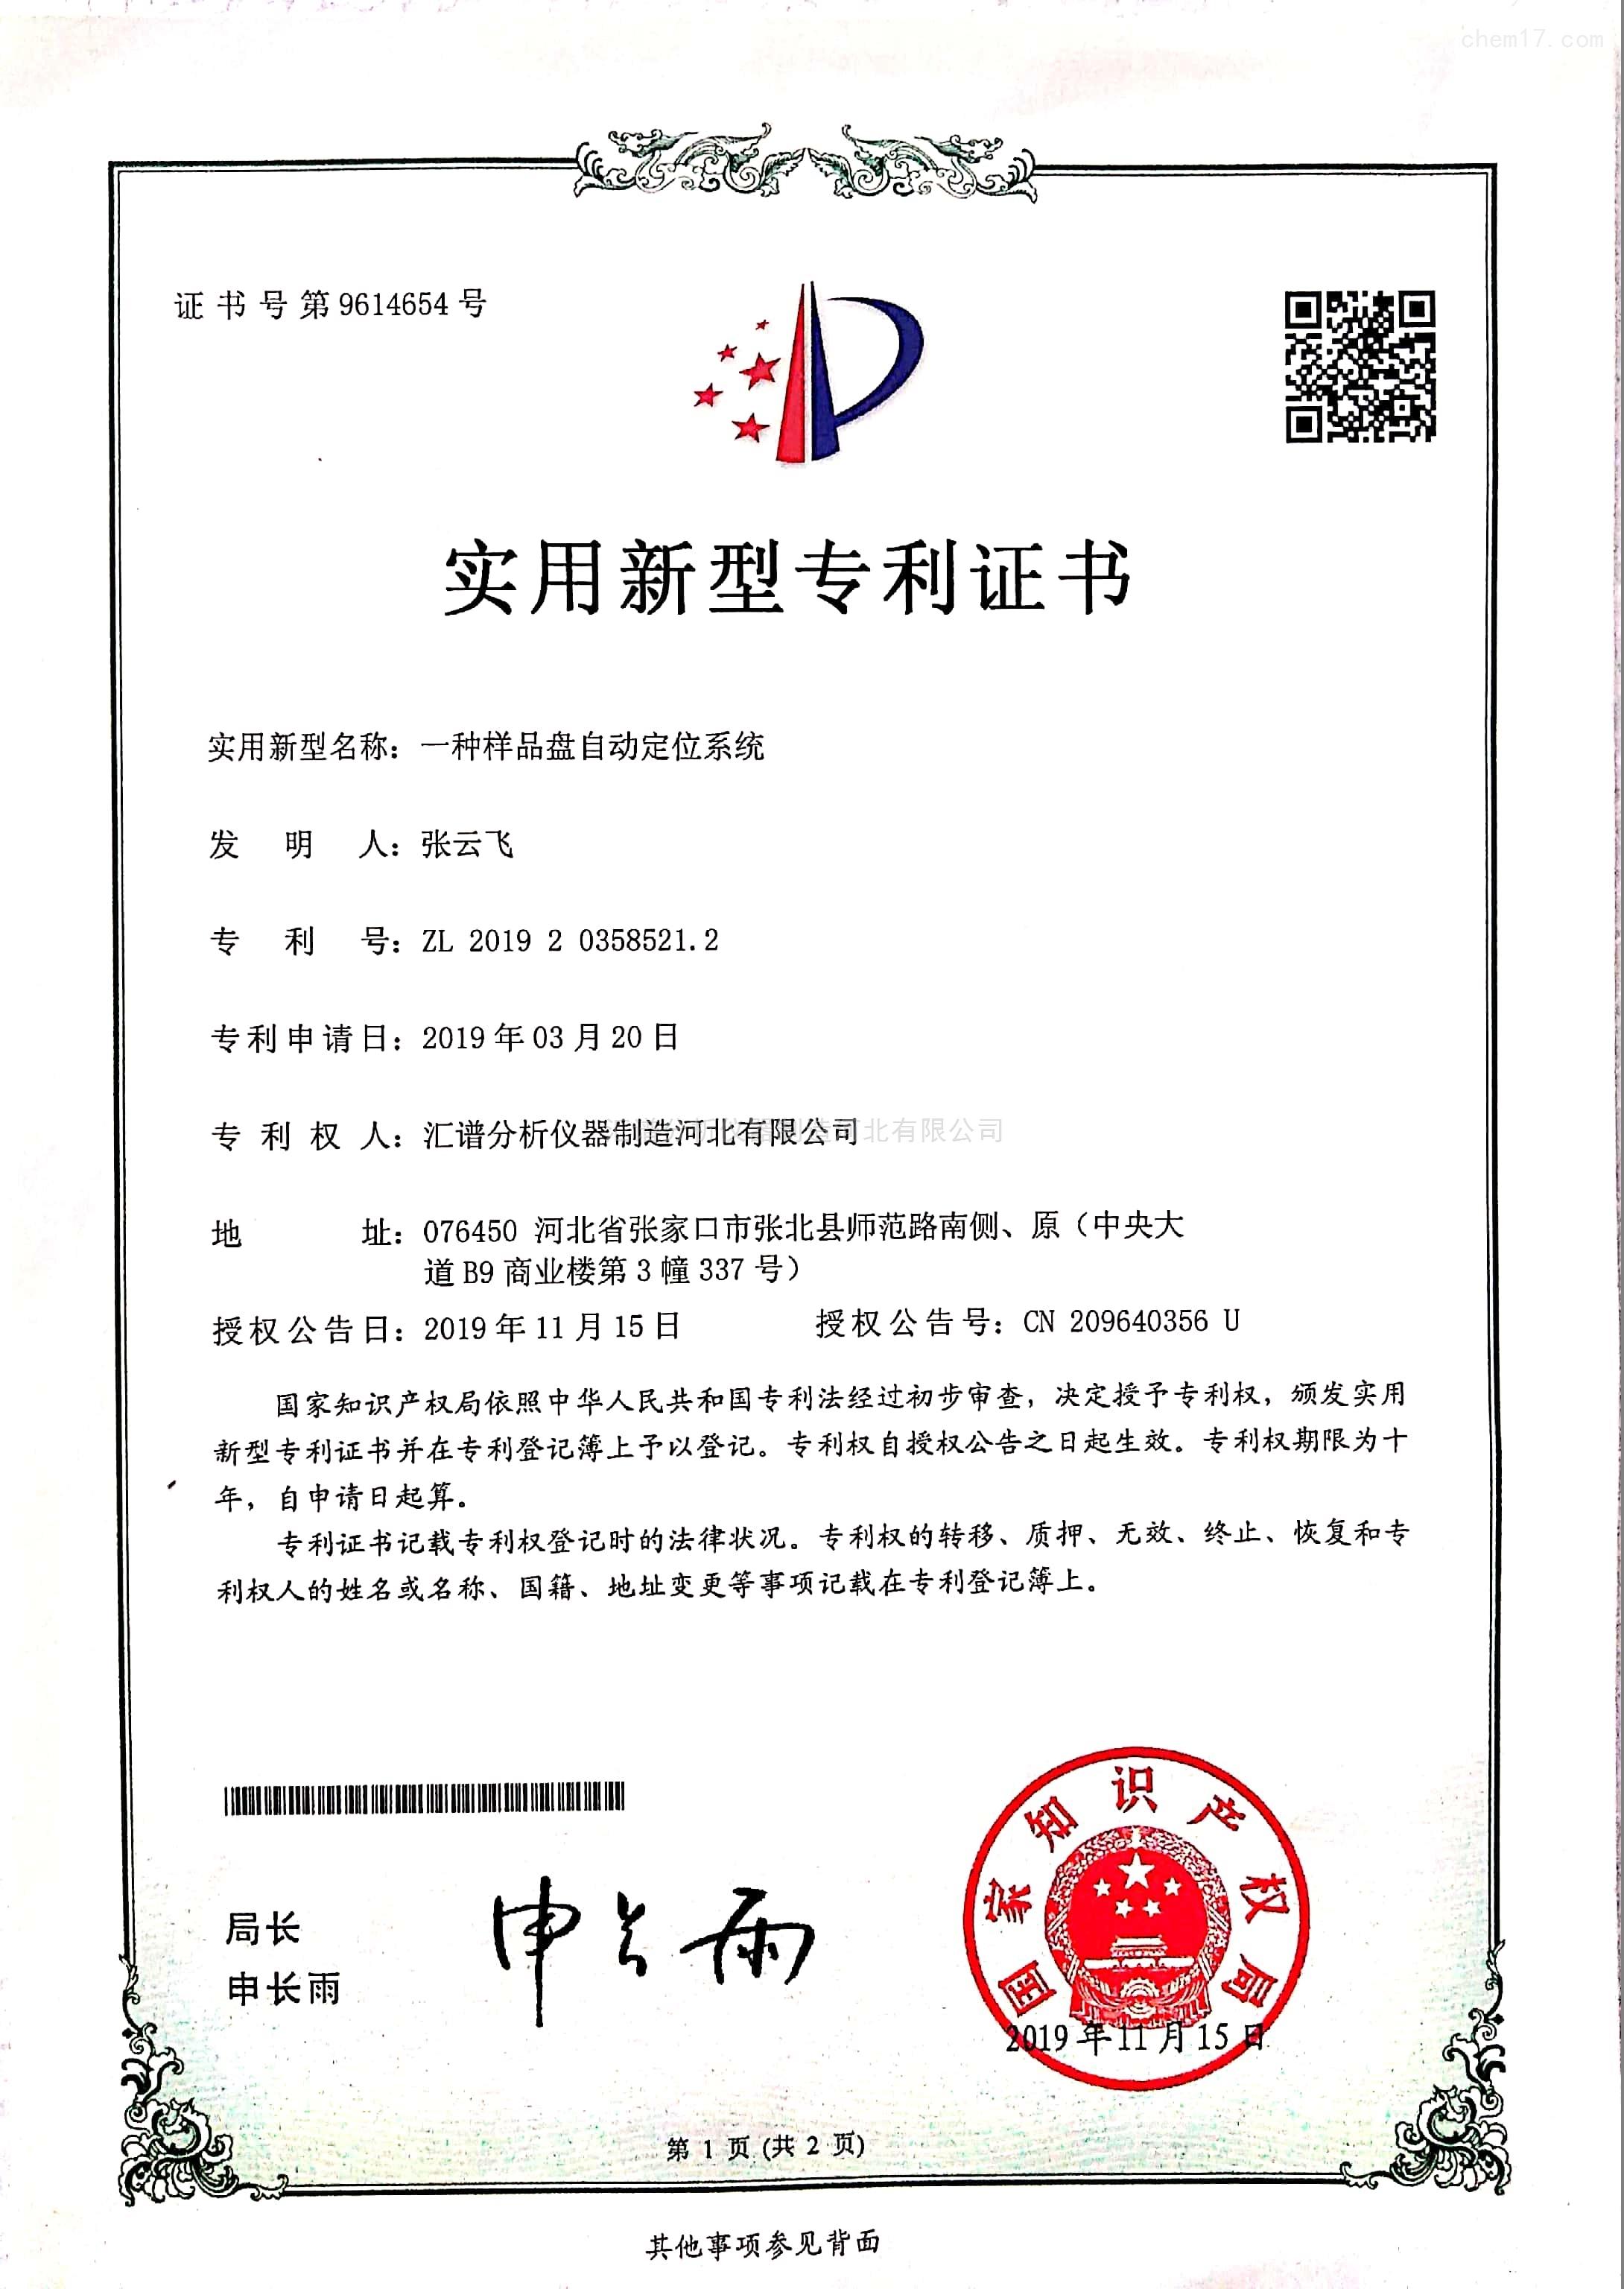 实用新型专利证书:一种样品盘自动定位系统实用新型证书